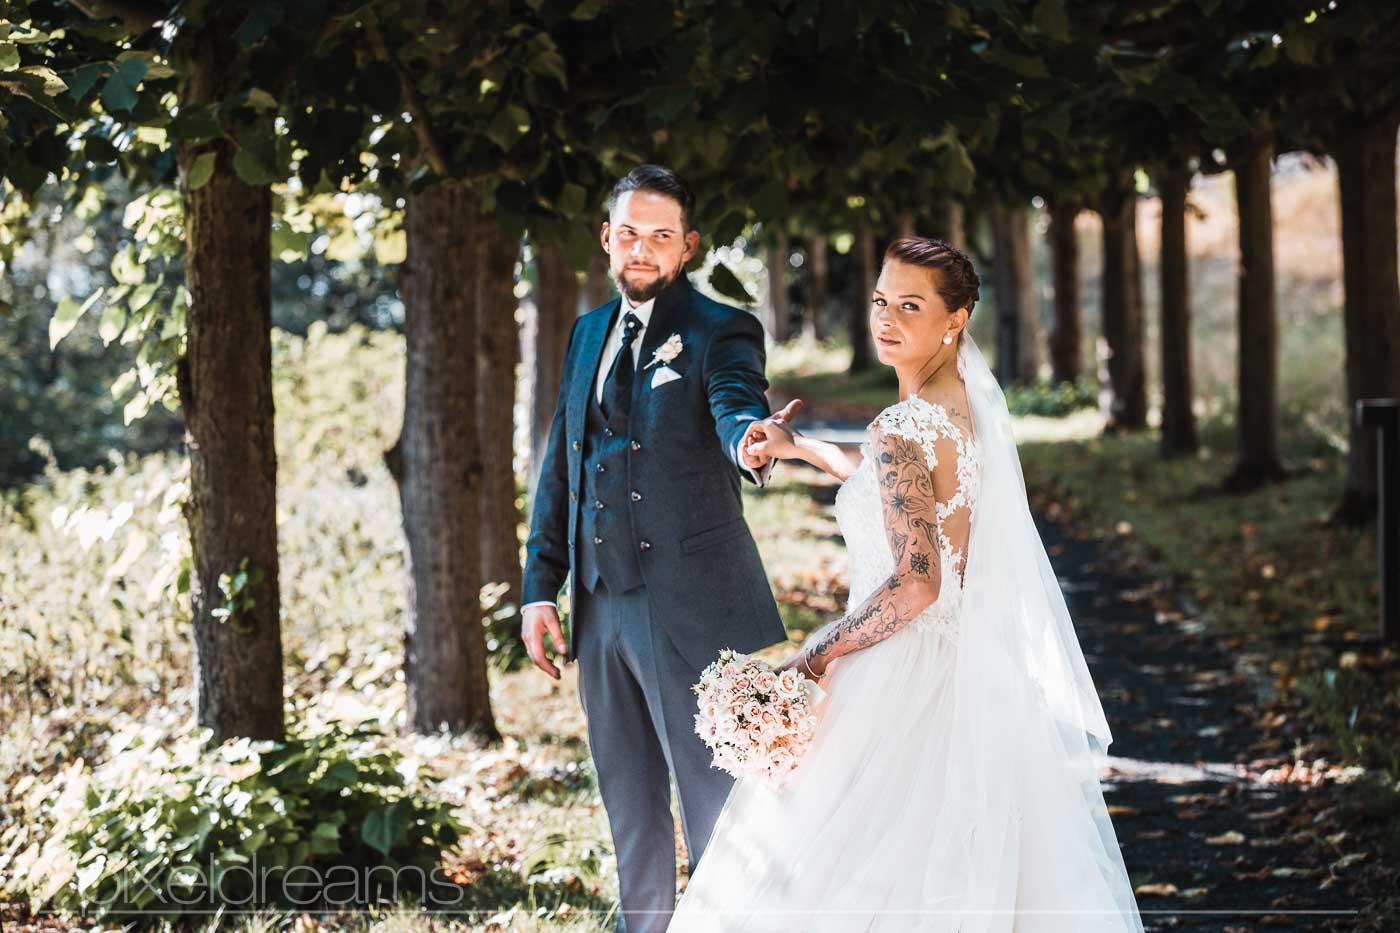 Steigenberger Grand-Hotel. Hochzeitsfoto vom Brautpaar.